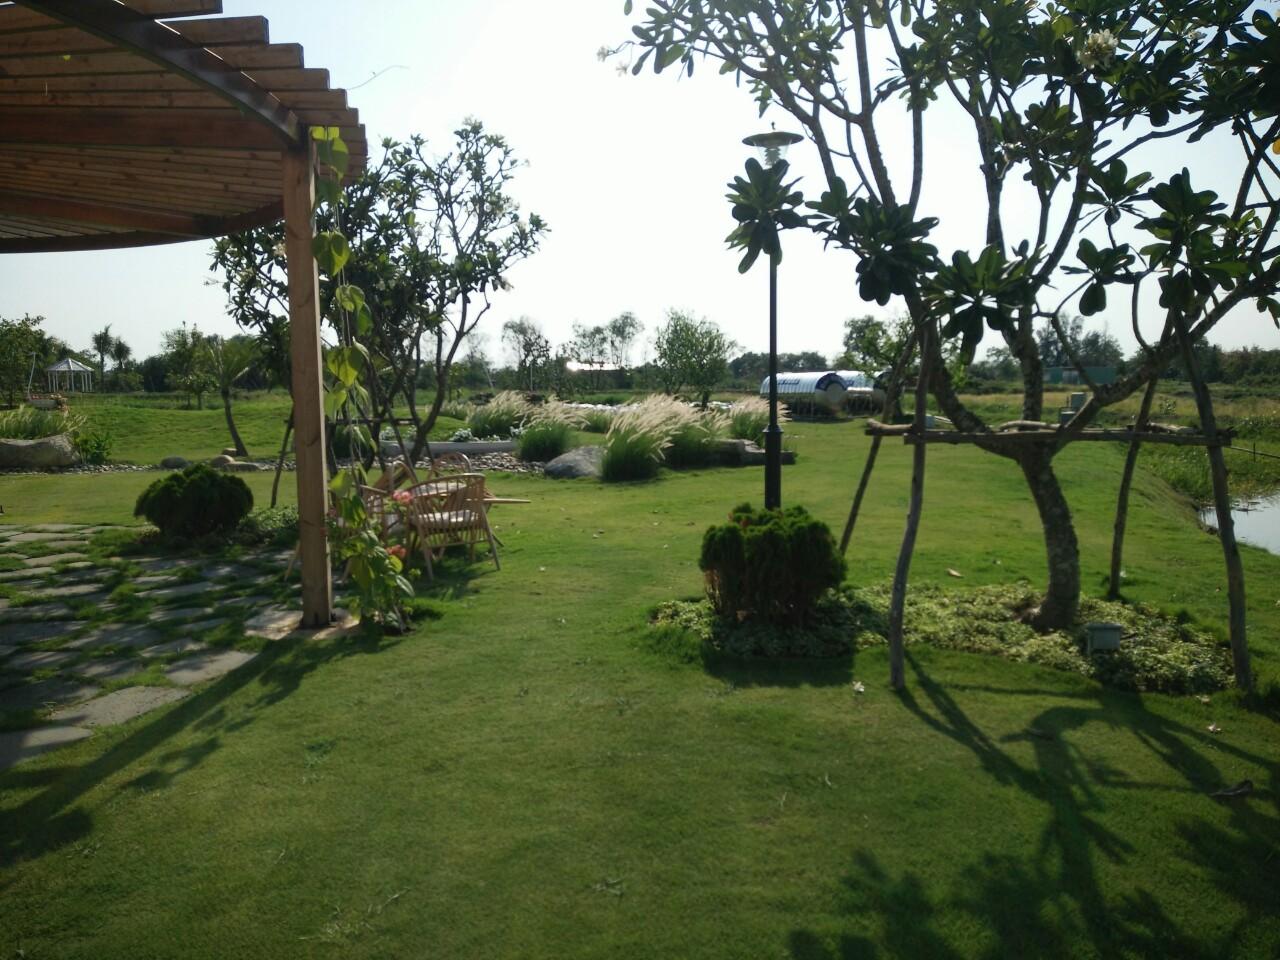 quy hoạch sử dụng đất vườn, đất vườn ngoại ô sài gòn